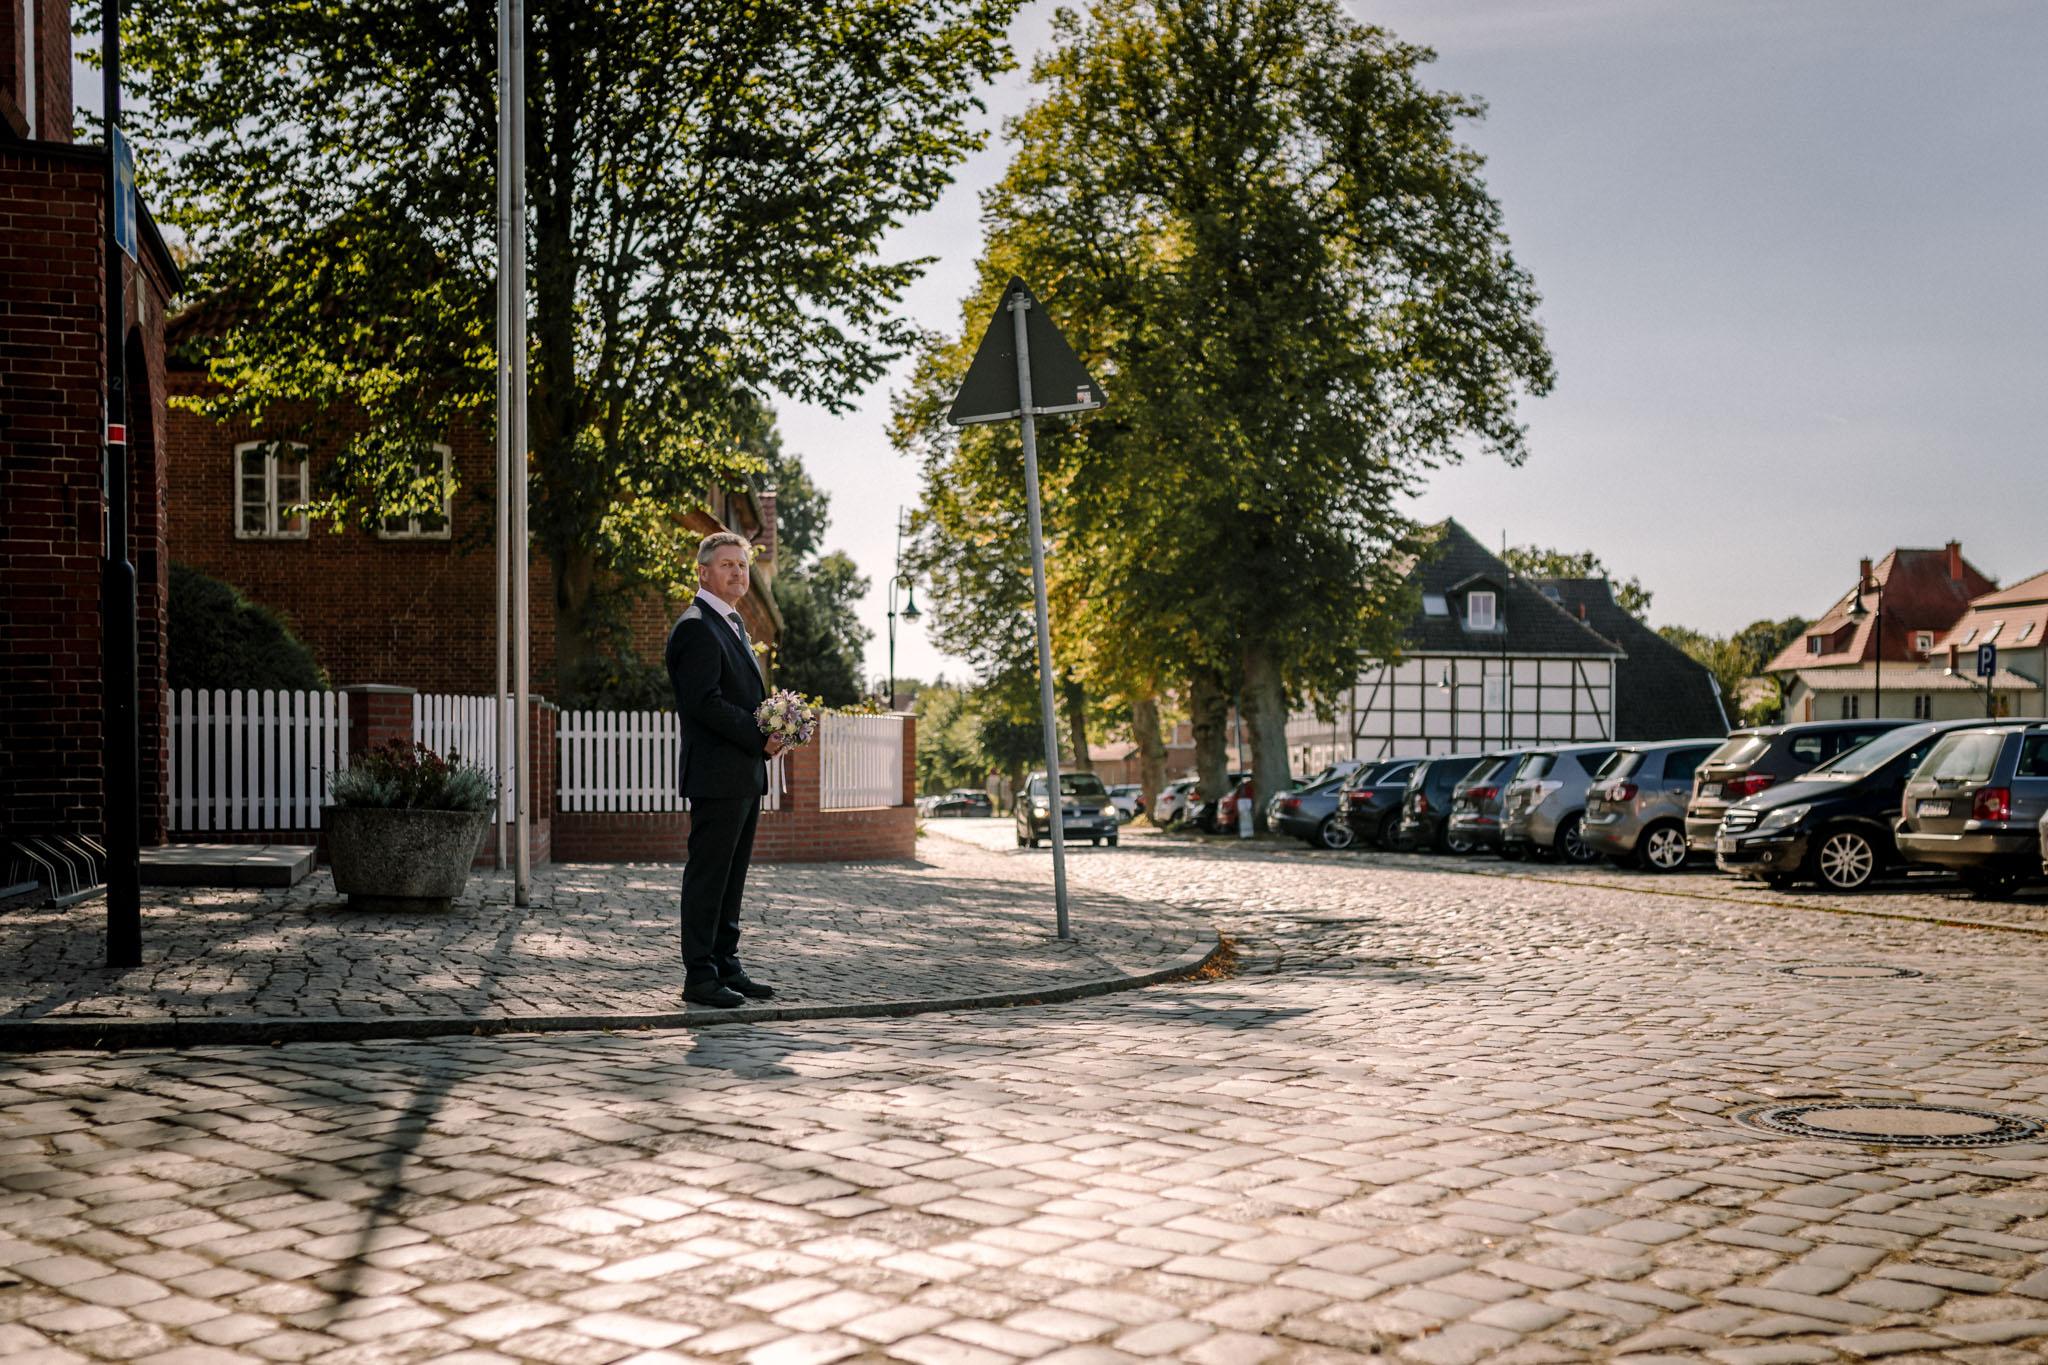 Hochzeitsfieber by Photo-Schomburg, Hochzeitsfotograf, Hamburg,Hochzeitstag, Hochzeitspaar, Braut, Bräutigam, Literaturhauscafe Zarrentin-10